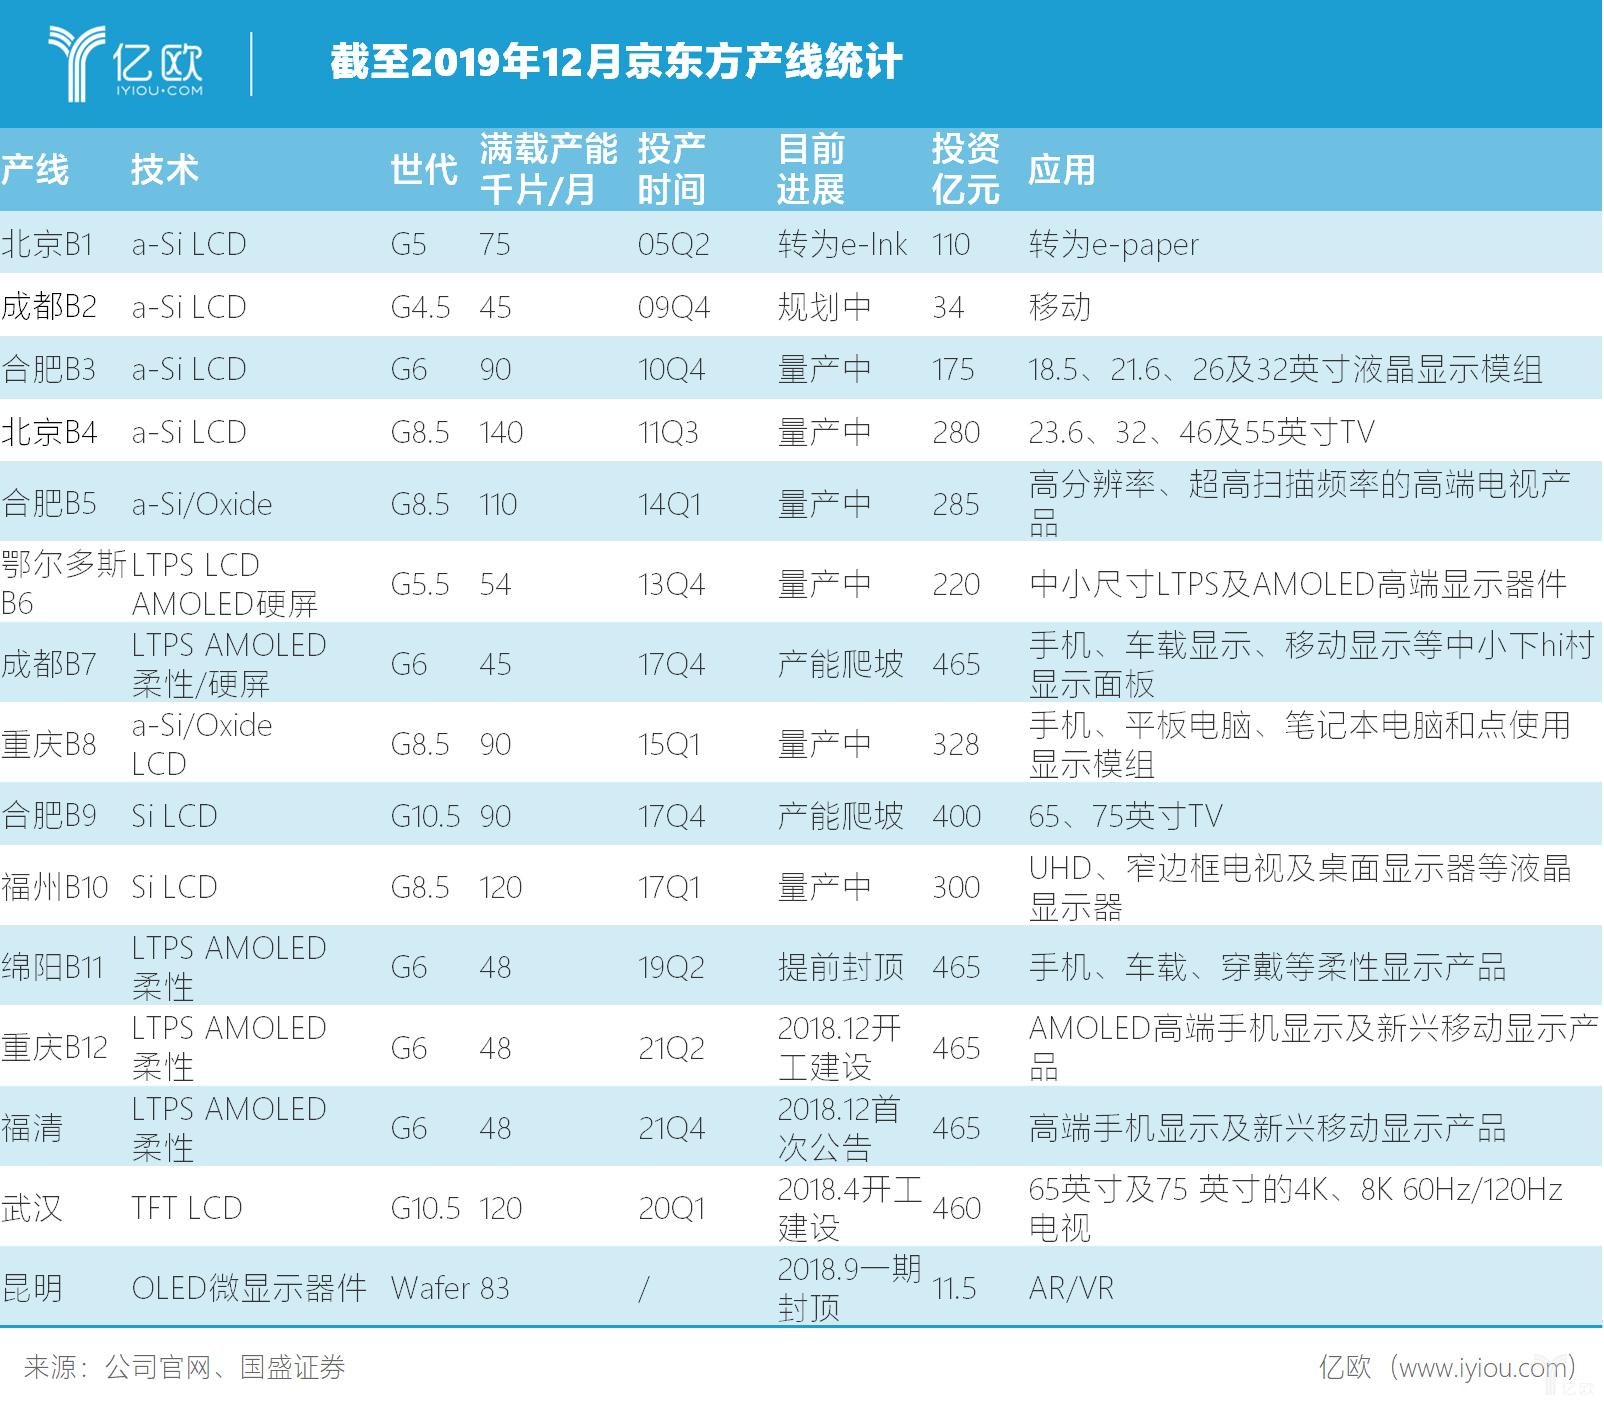 截至2019年12月京东方产线统计